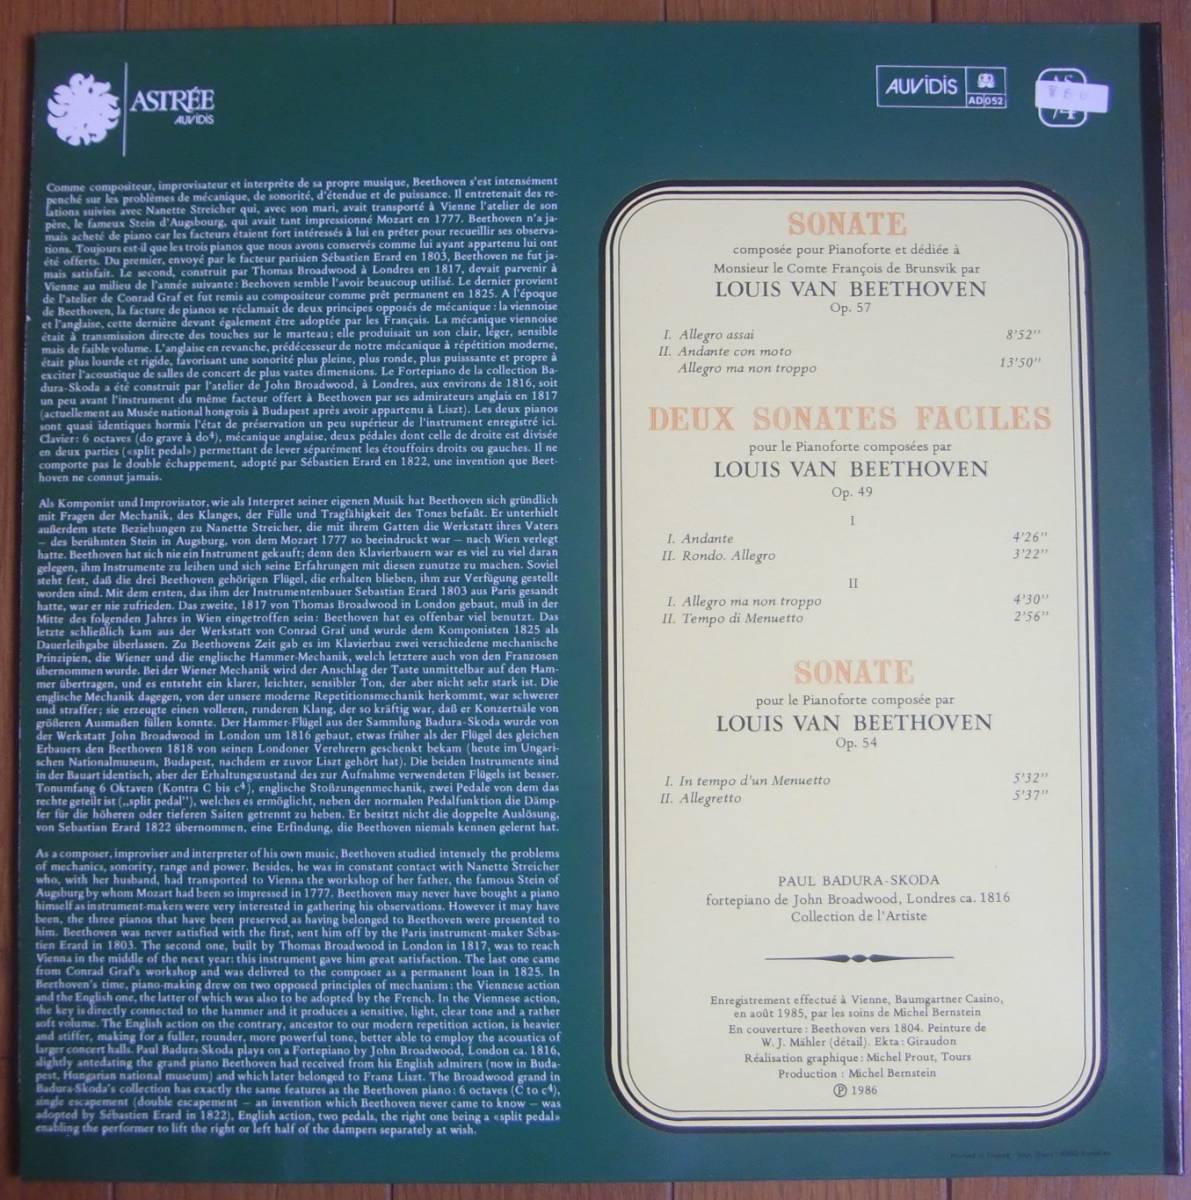 長岡鉄男 外盤A級セレクションNO207 ベートーヴェン:ピアノ・ソナタ集_画像3